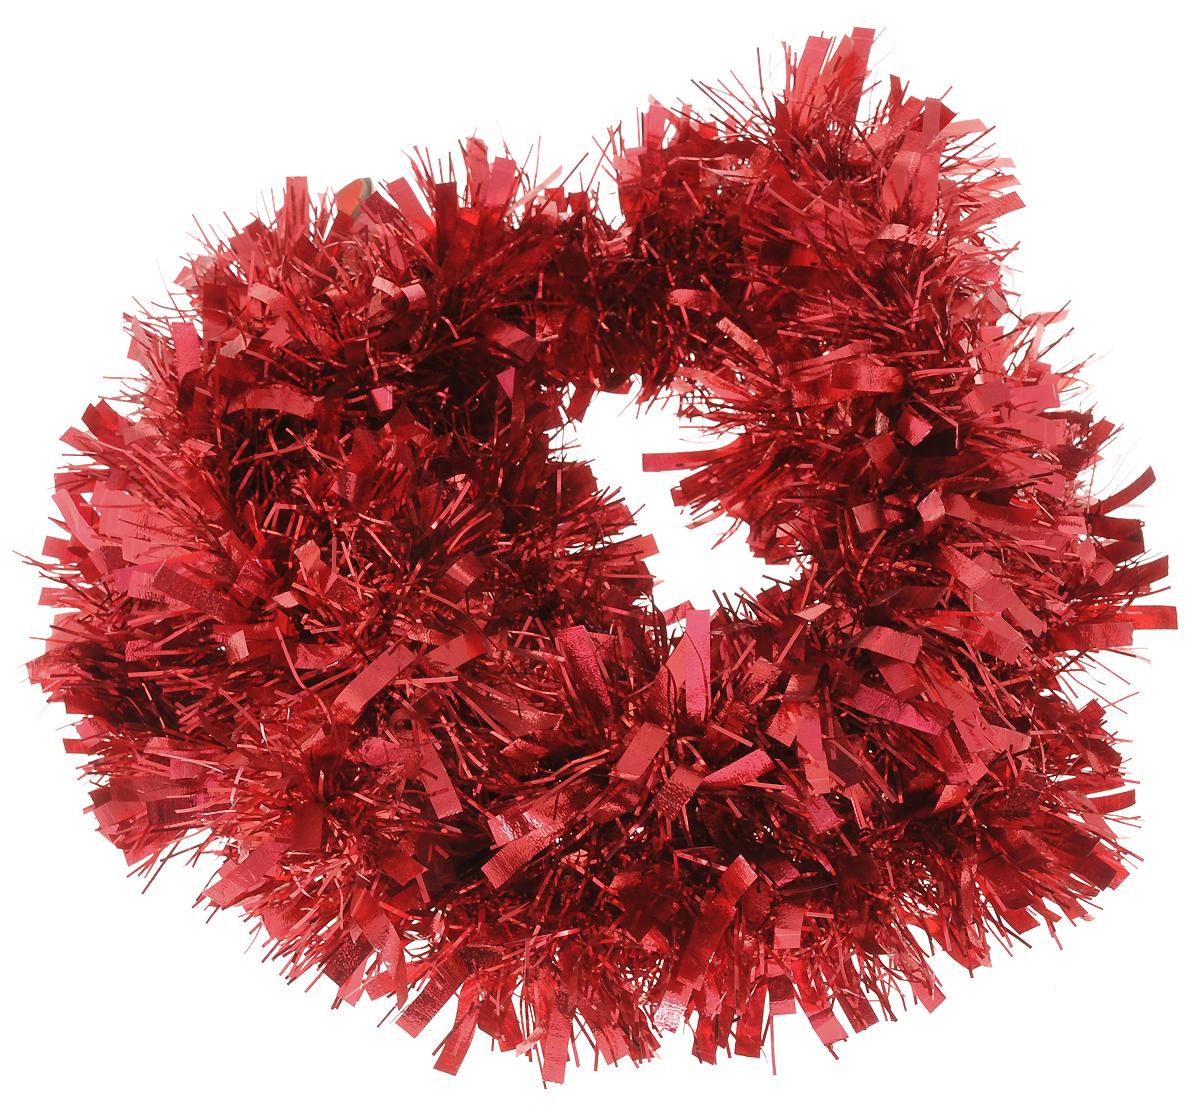 Мишура новогодняя Magic Time, цвет: красный, диаметр 9 см, длина 200 см. 2694926949_красныйПушистая новогодняя мишура Magic Time поможет вам реализовать самые экстравагантные дизайнерские идеи, украсив стены, потолок, архитектурные элементы, проемы окон и дверей. Мишура способна отразить блеск огней елочных гирлянд и добавить волшебства в праздничный интерьер квартиры. Создайте в своем доме атмосферу тепла, веселья и радости, украшая его всей семьей.